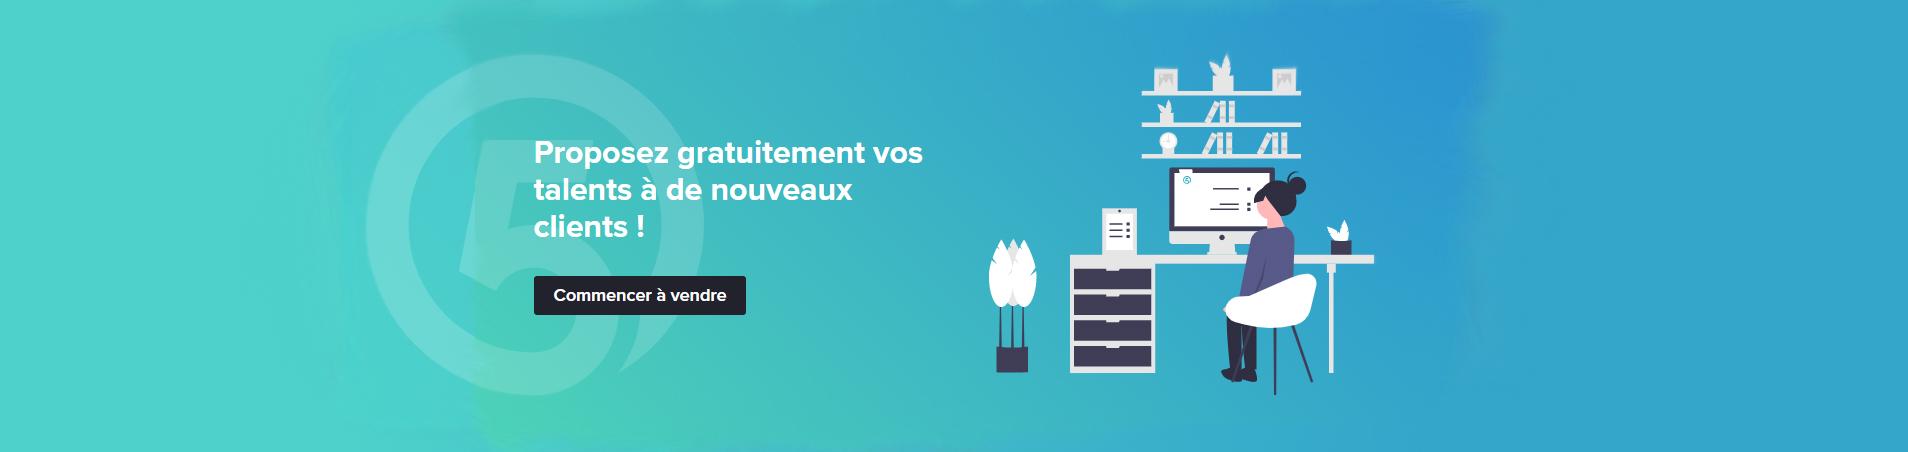 5euros.com plateforme de microservices